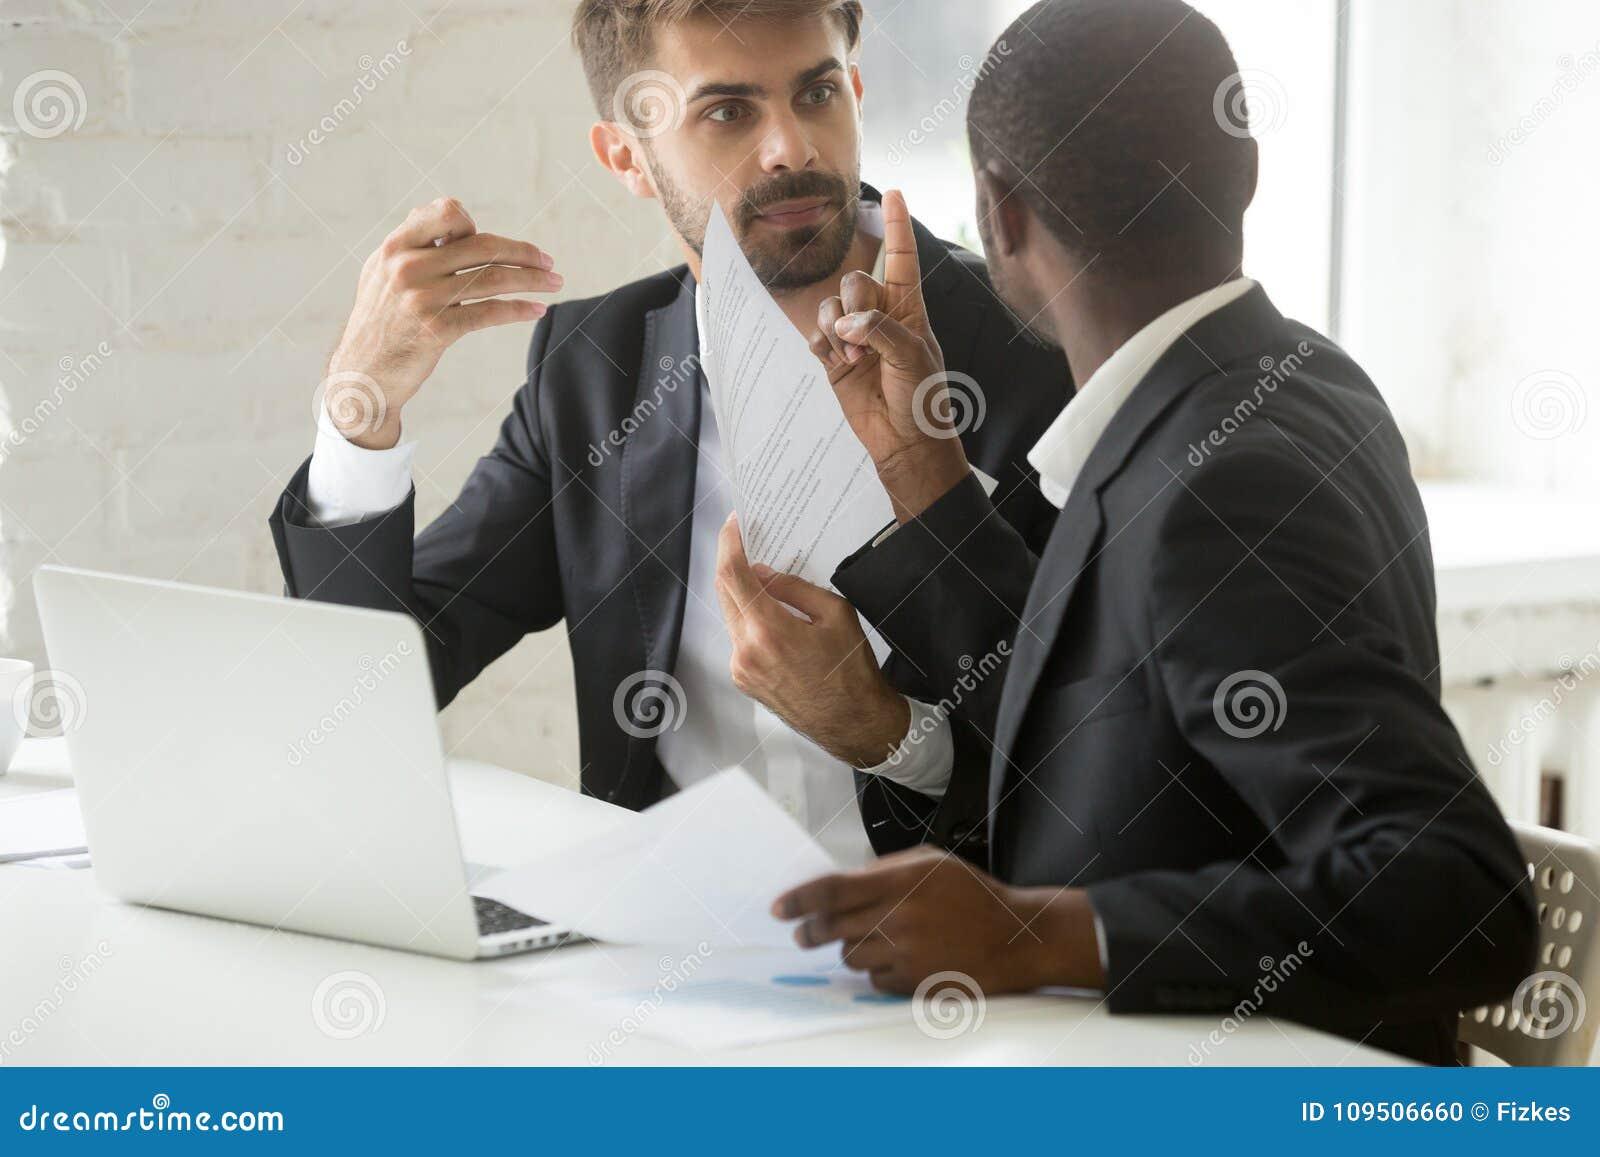 Partner africani e caucasici multirazziali che discutono a stante in disaccordo